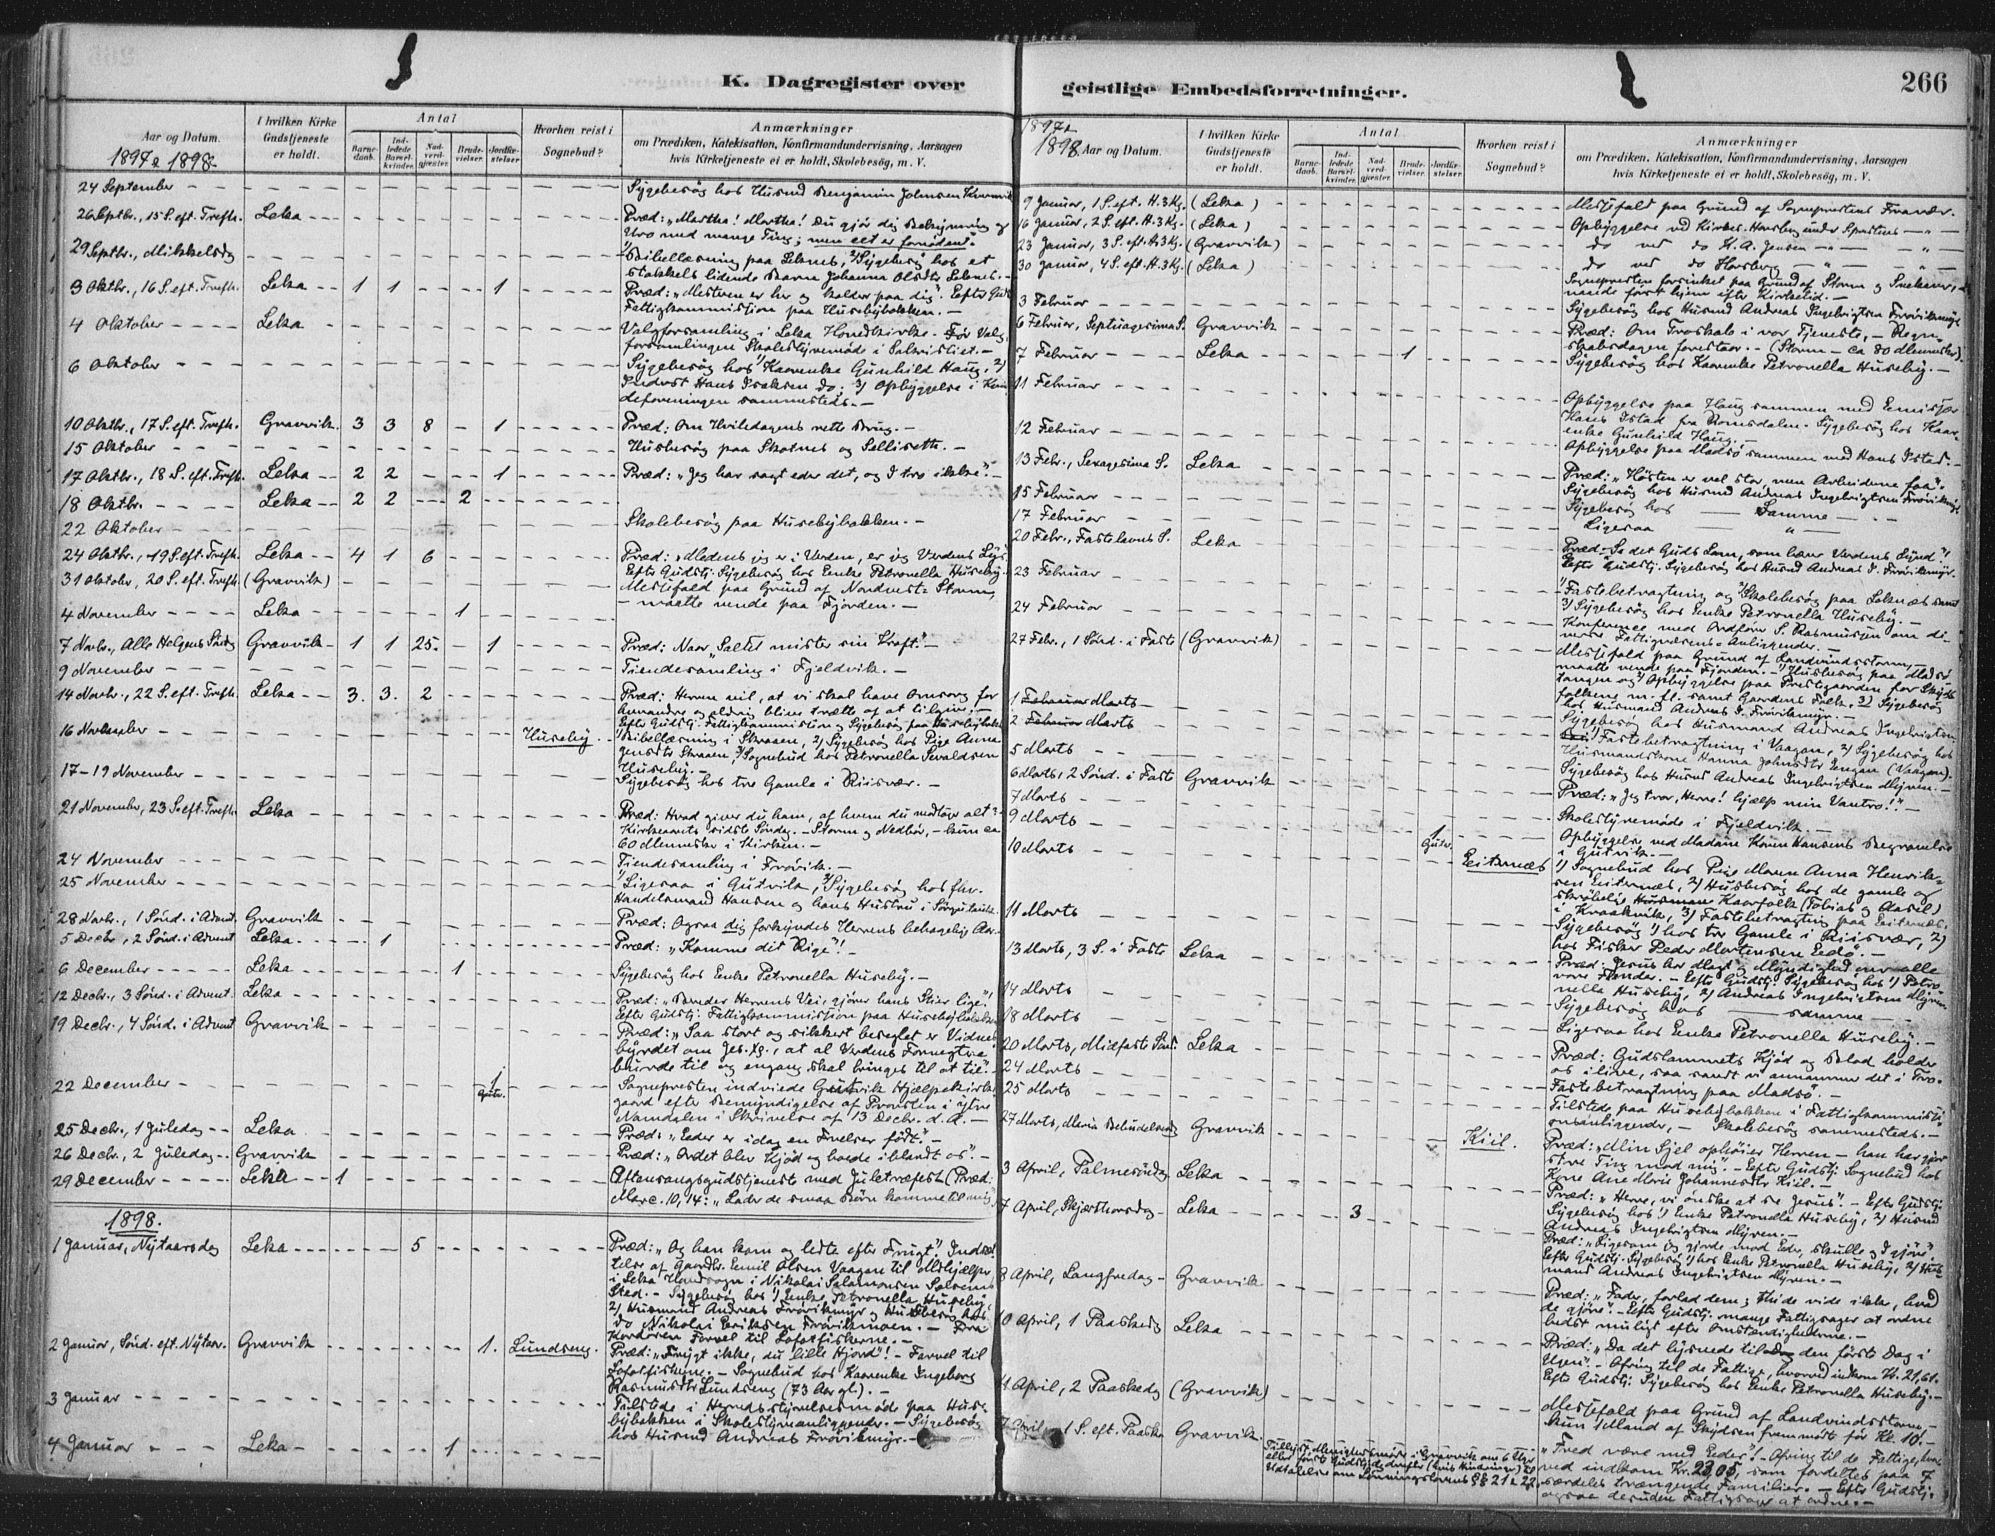 SAT, Ministerialprotokoller, klokkerbøker og fødselsregistre - Nord-Trøndelag, 788/L0697: Ministerialbok nr. 788A04, 1878-1902, s. 266